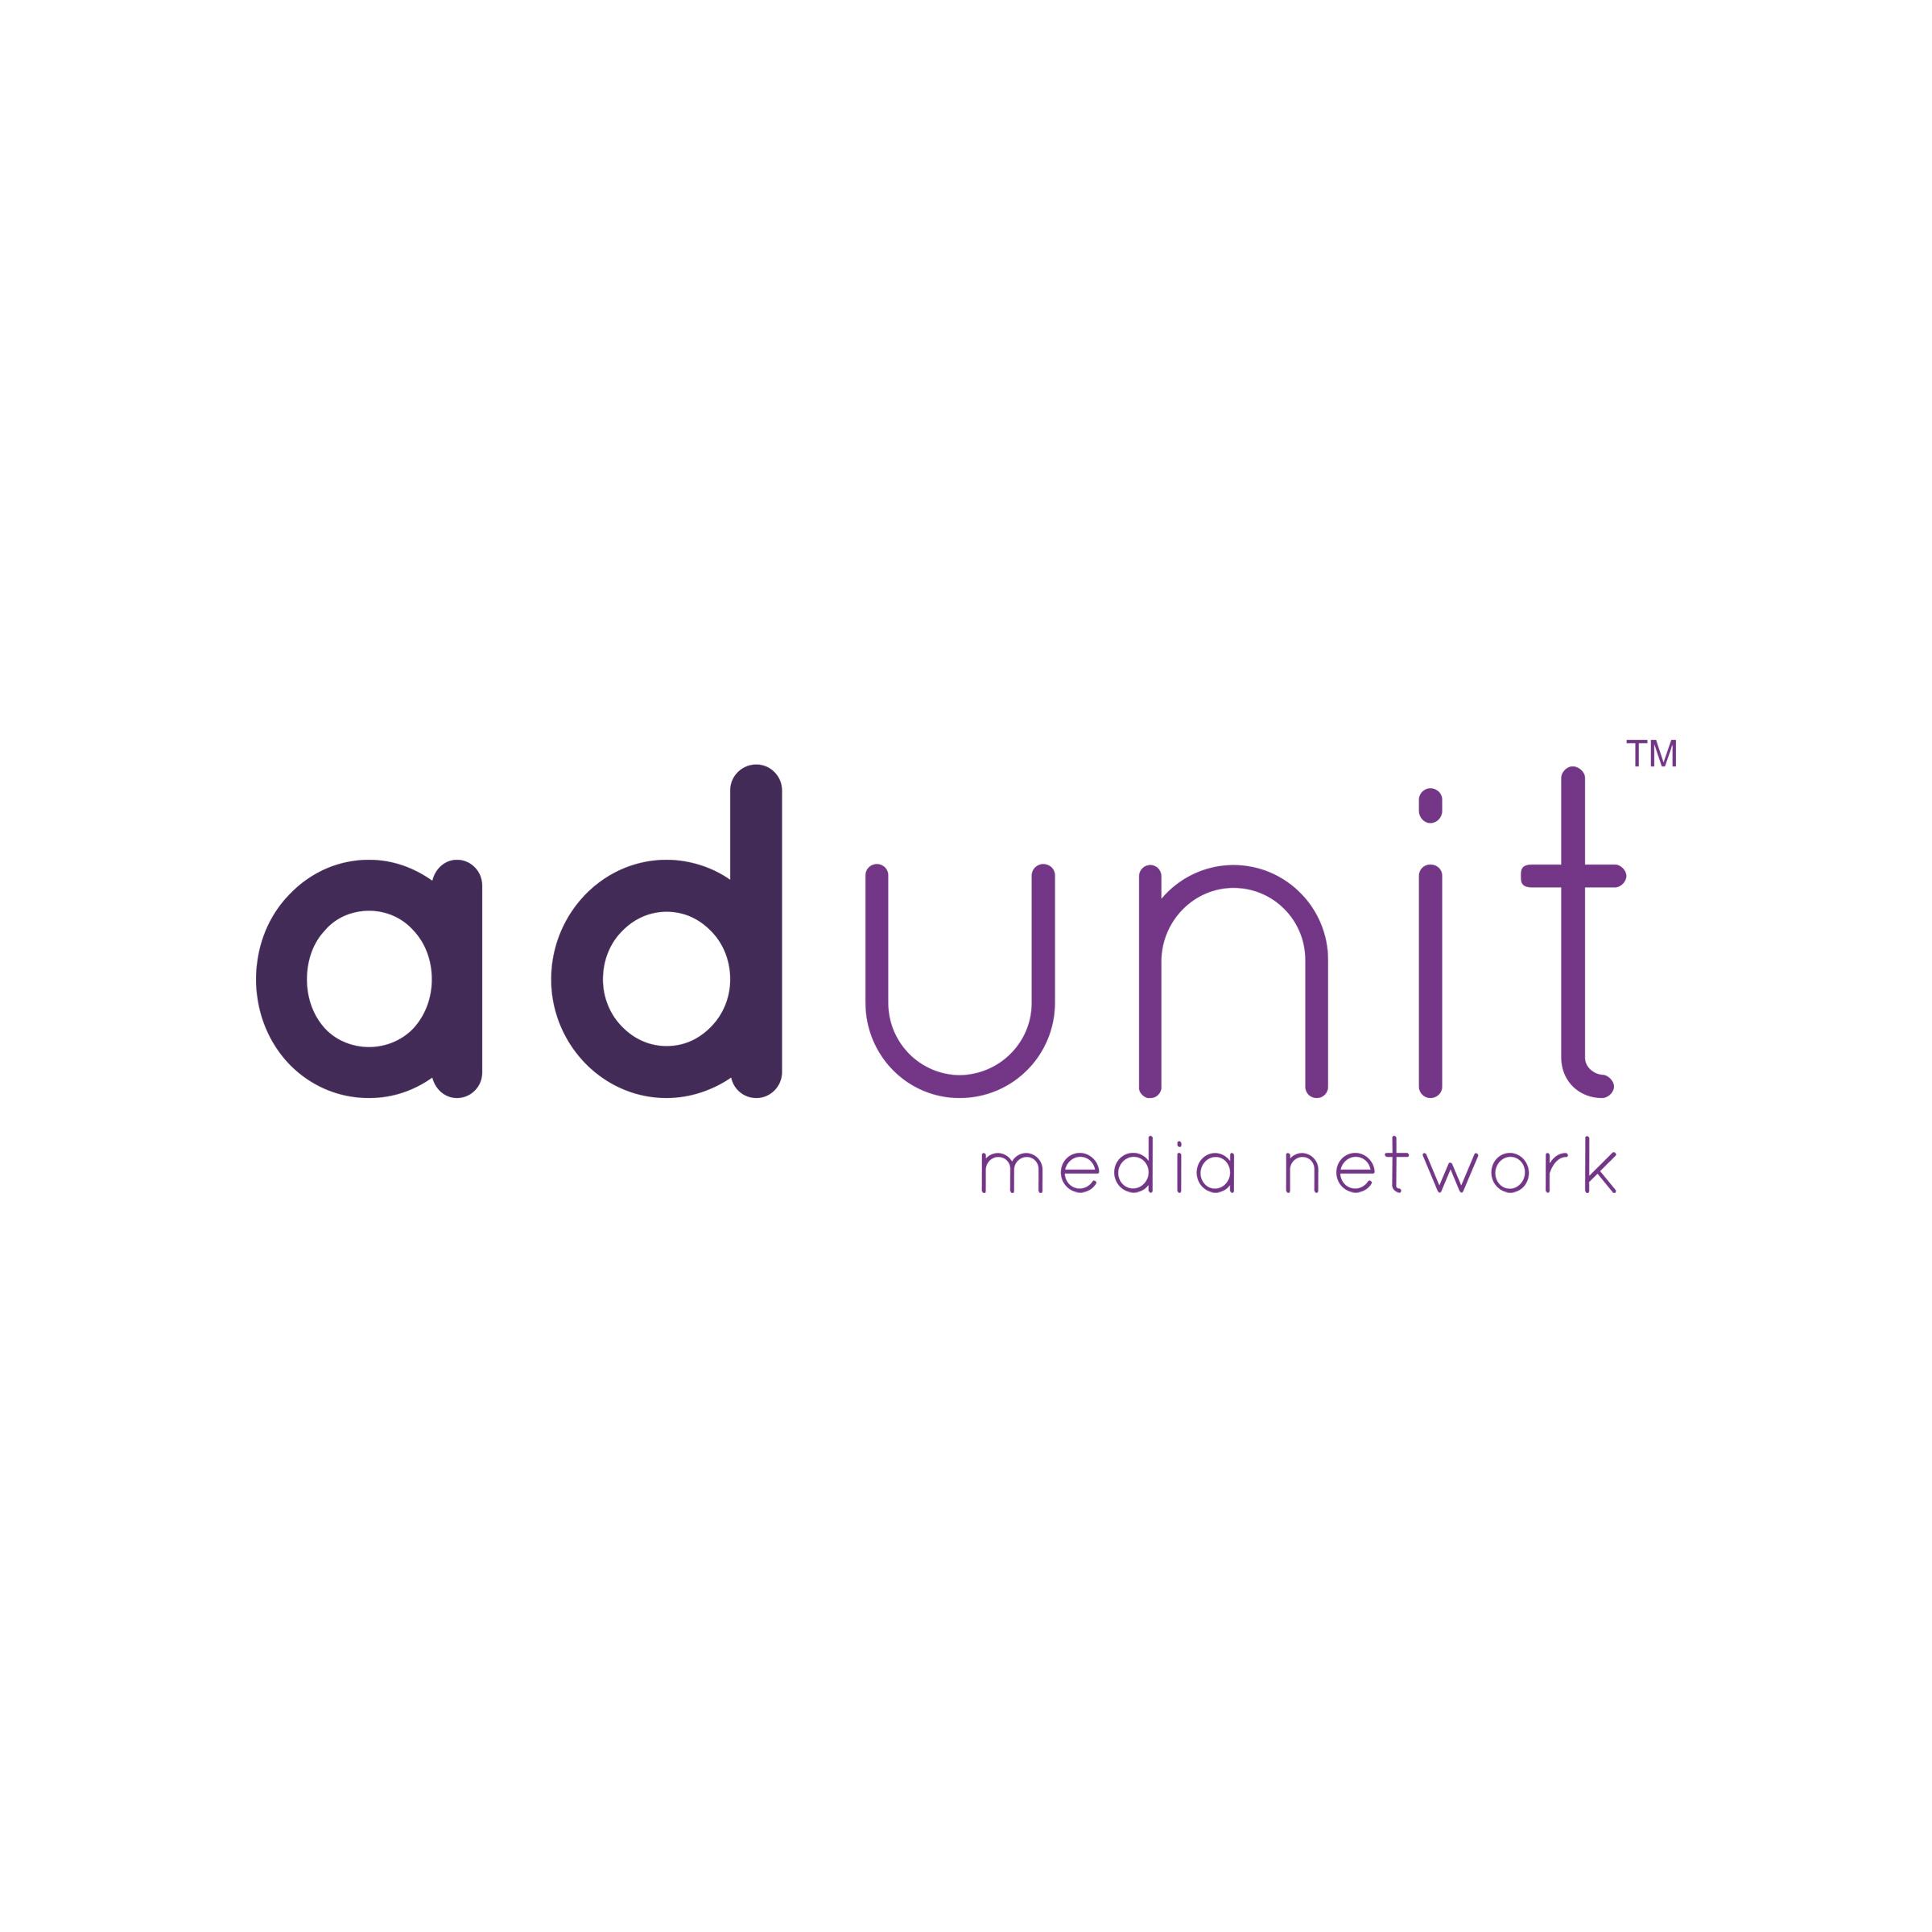 ADUnit Media Network LLP